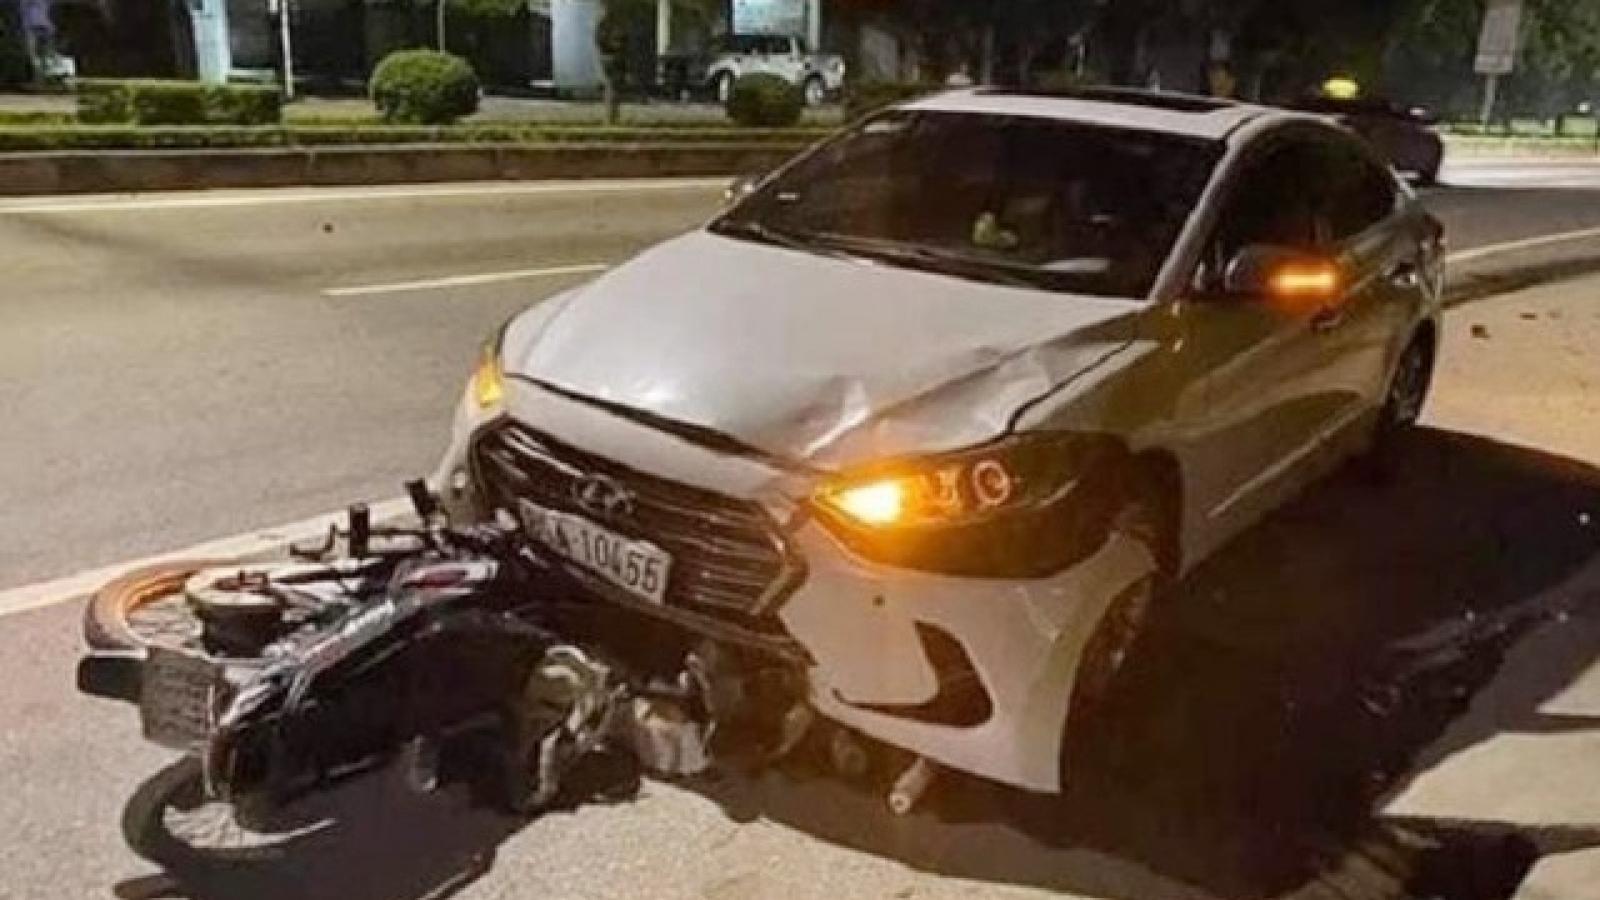 Thanh tra giao thông đi ngược chiều gây tai nạn chết người